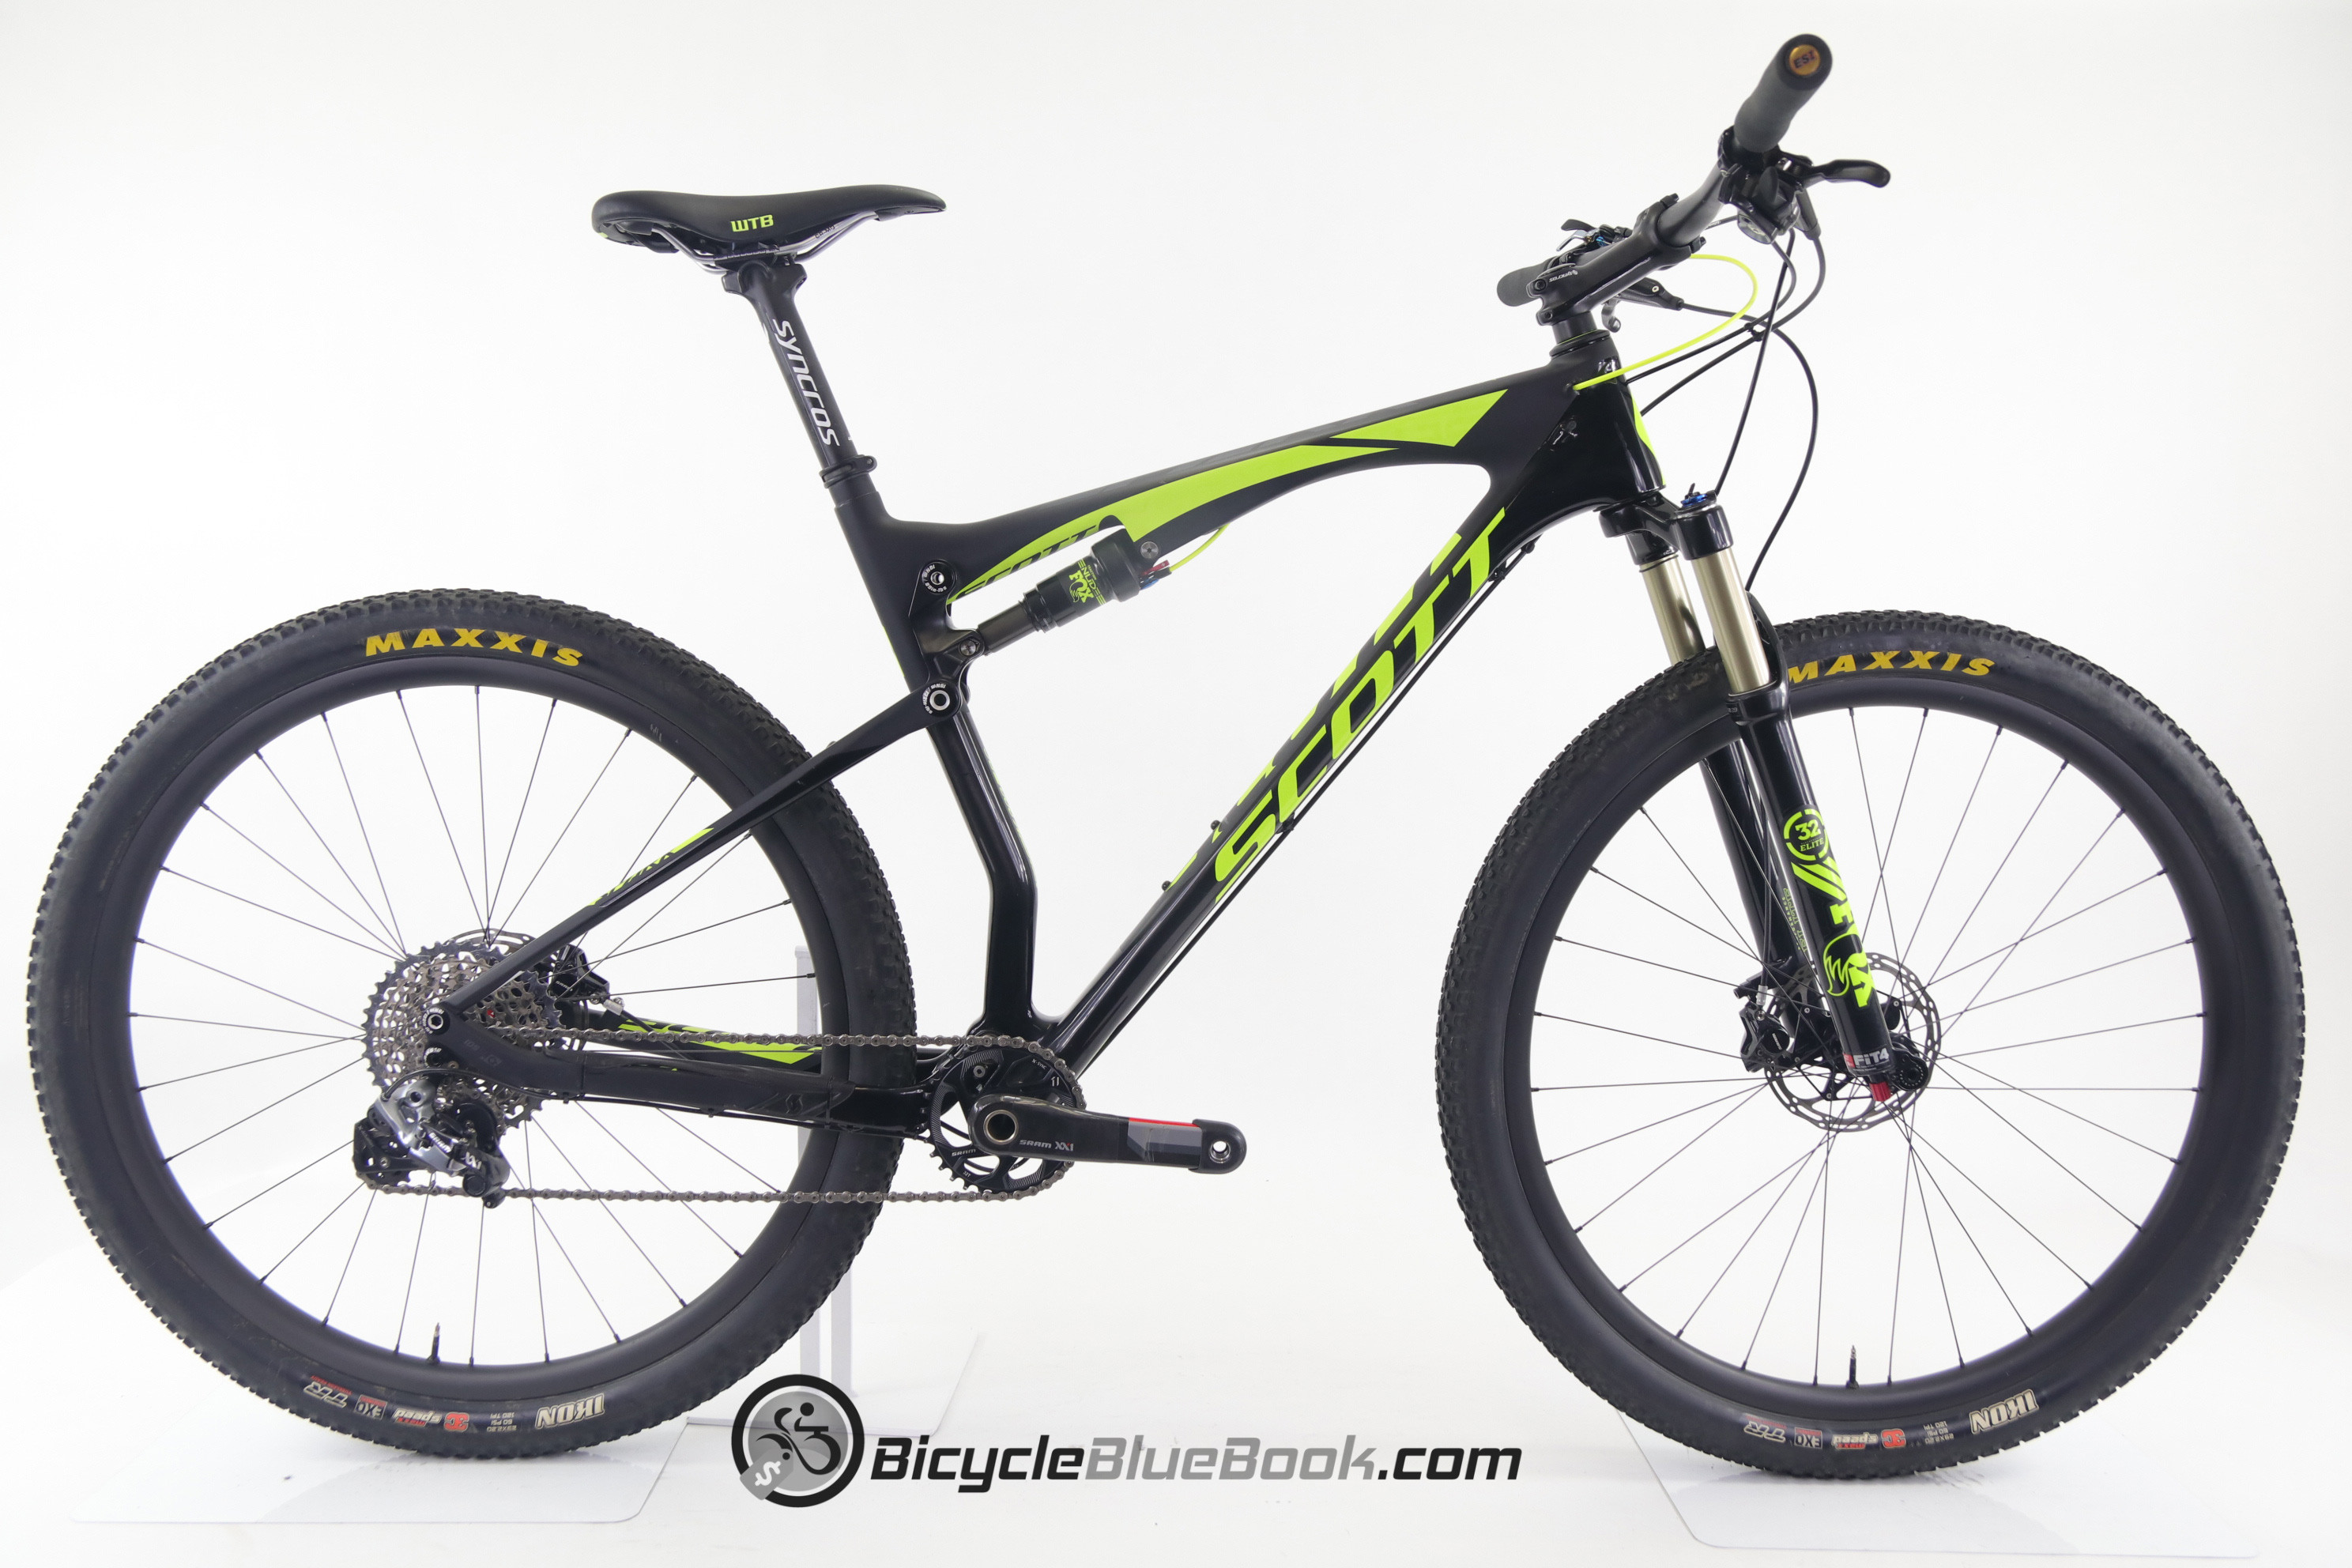 5dde2b4fa7b Scott Spark 900 RC For Sale - 2312 - BicycleBlueBook.com